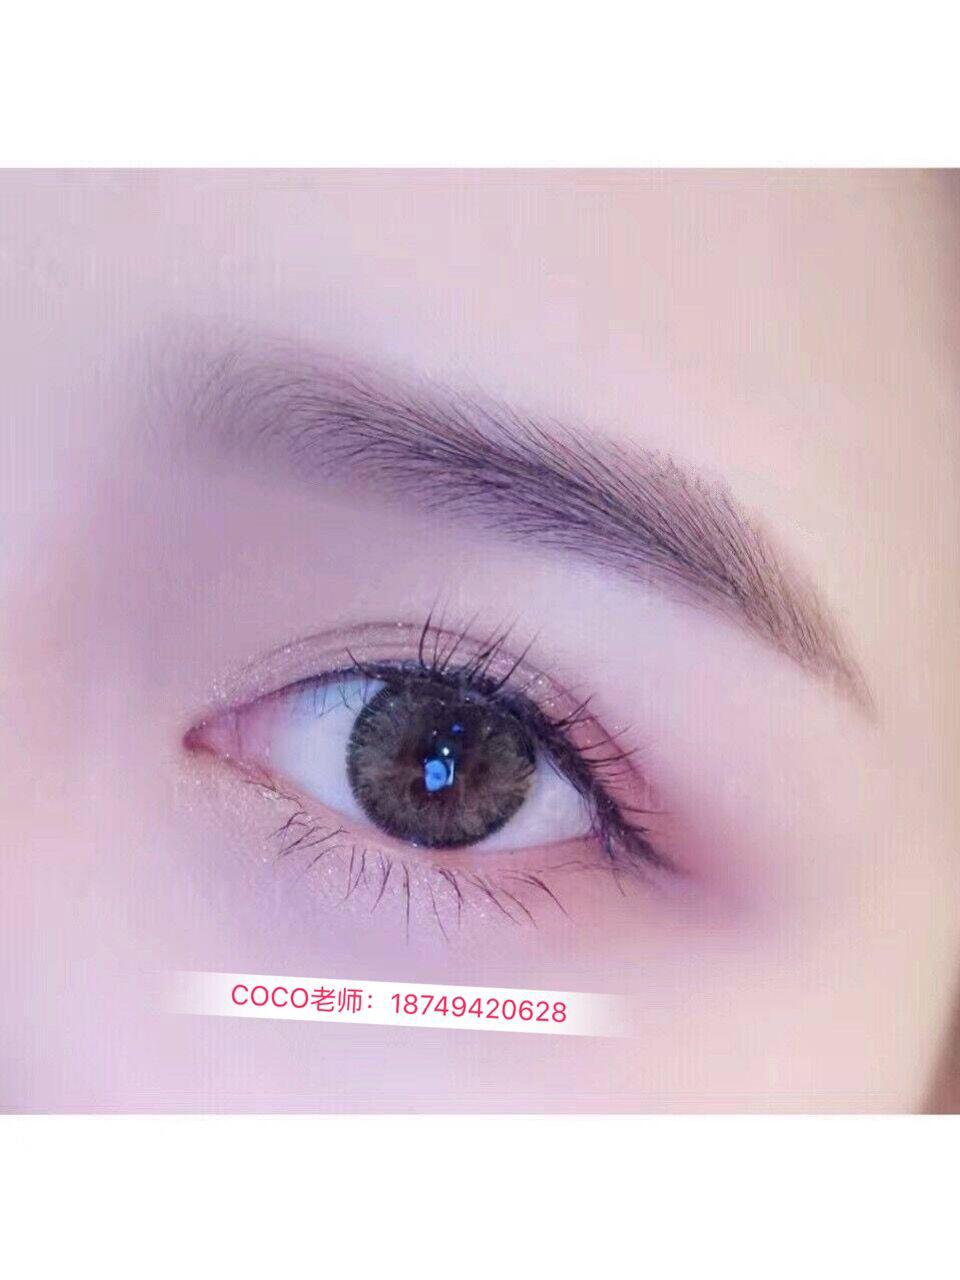 濮阳眼部综合设计定妆加盟_郑州服务周到的眼部综合设计定妆在哪里